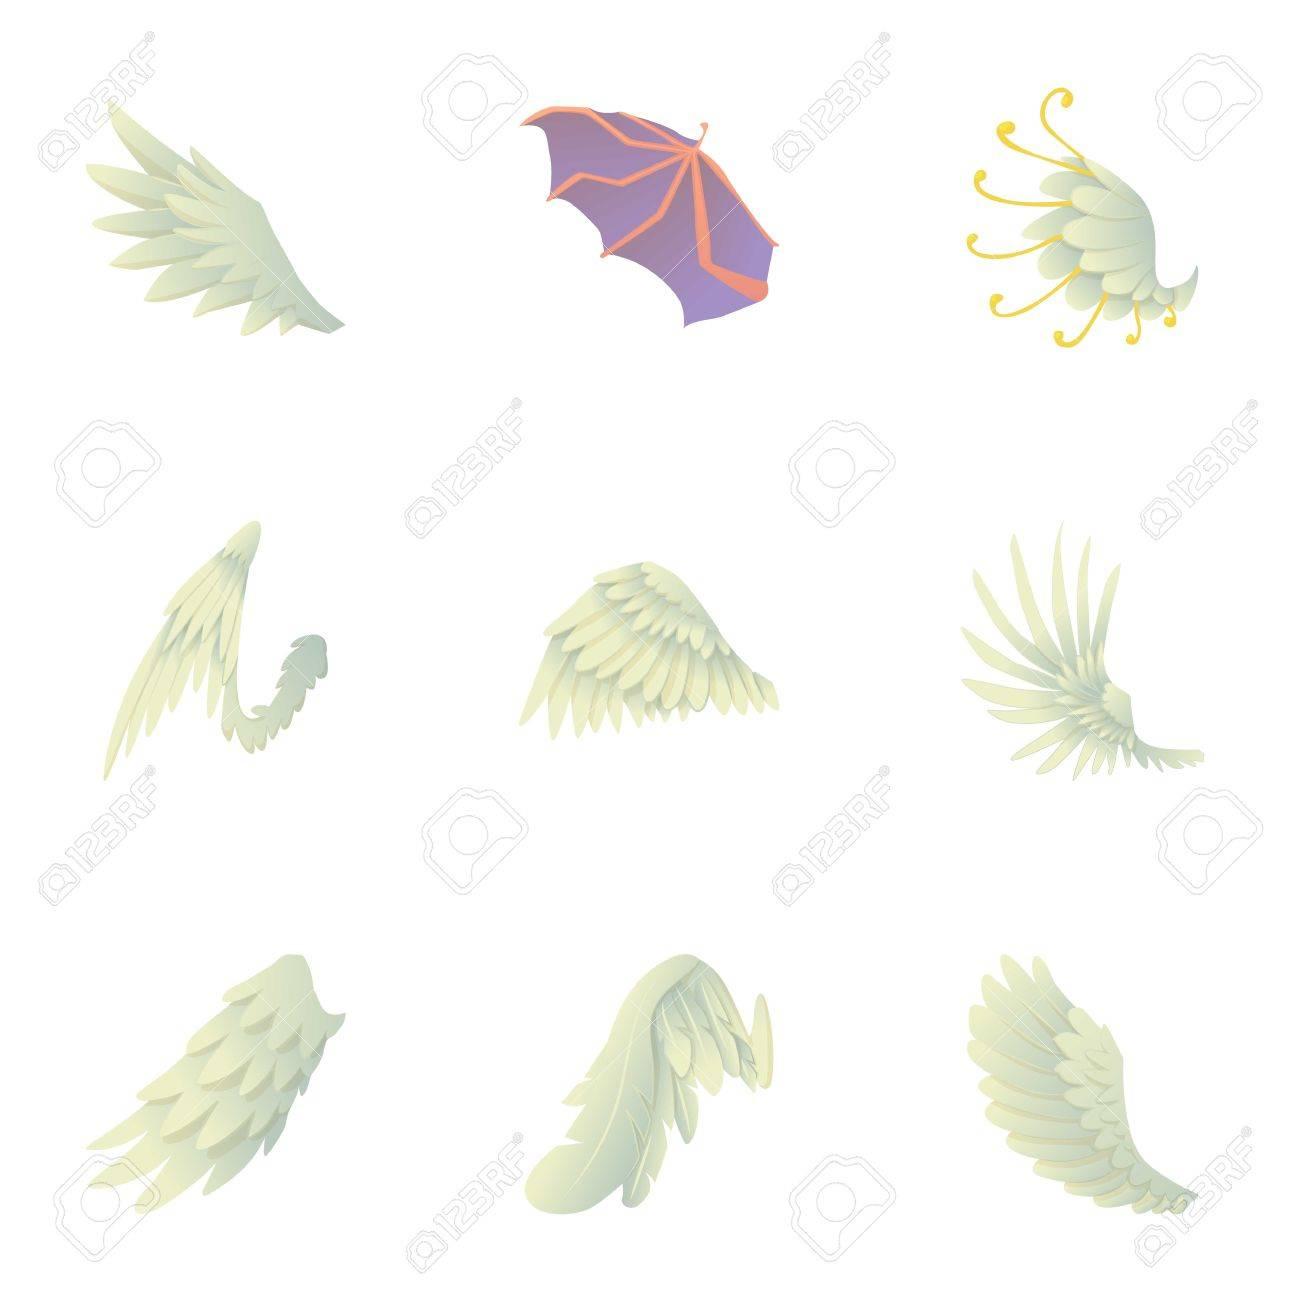 Ailes D Ange Et Diable Ensemble D Icônes Jeu De Dessin Animé De 9 Ailes D Ange Et Diable Vector Icons Pour Web Isolé Sur Fond Blanc